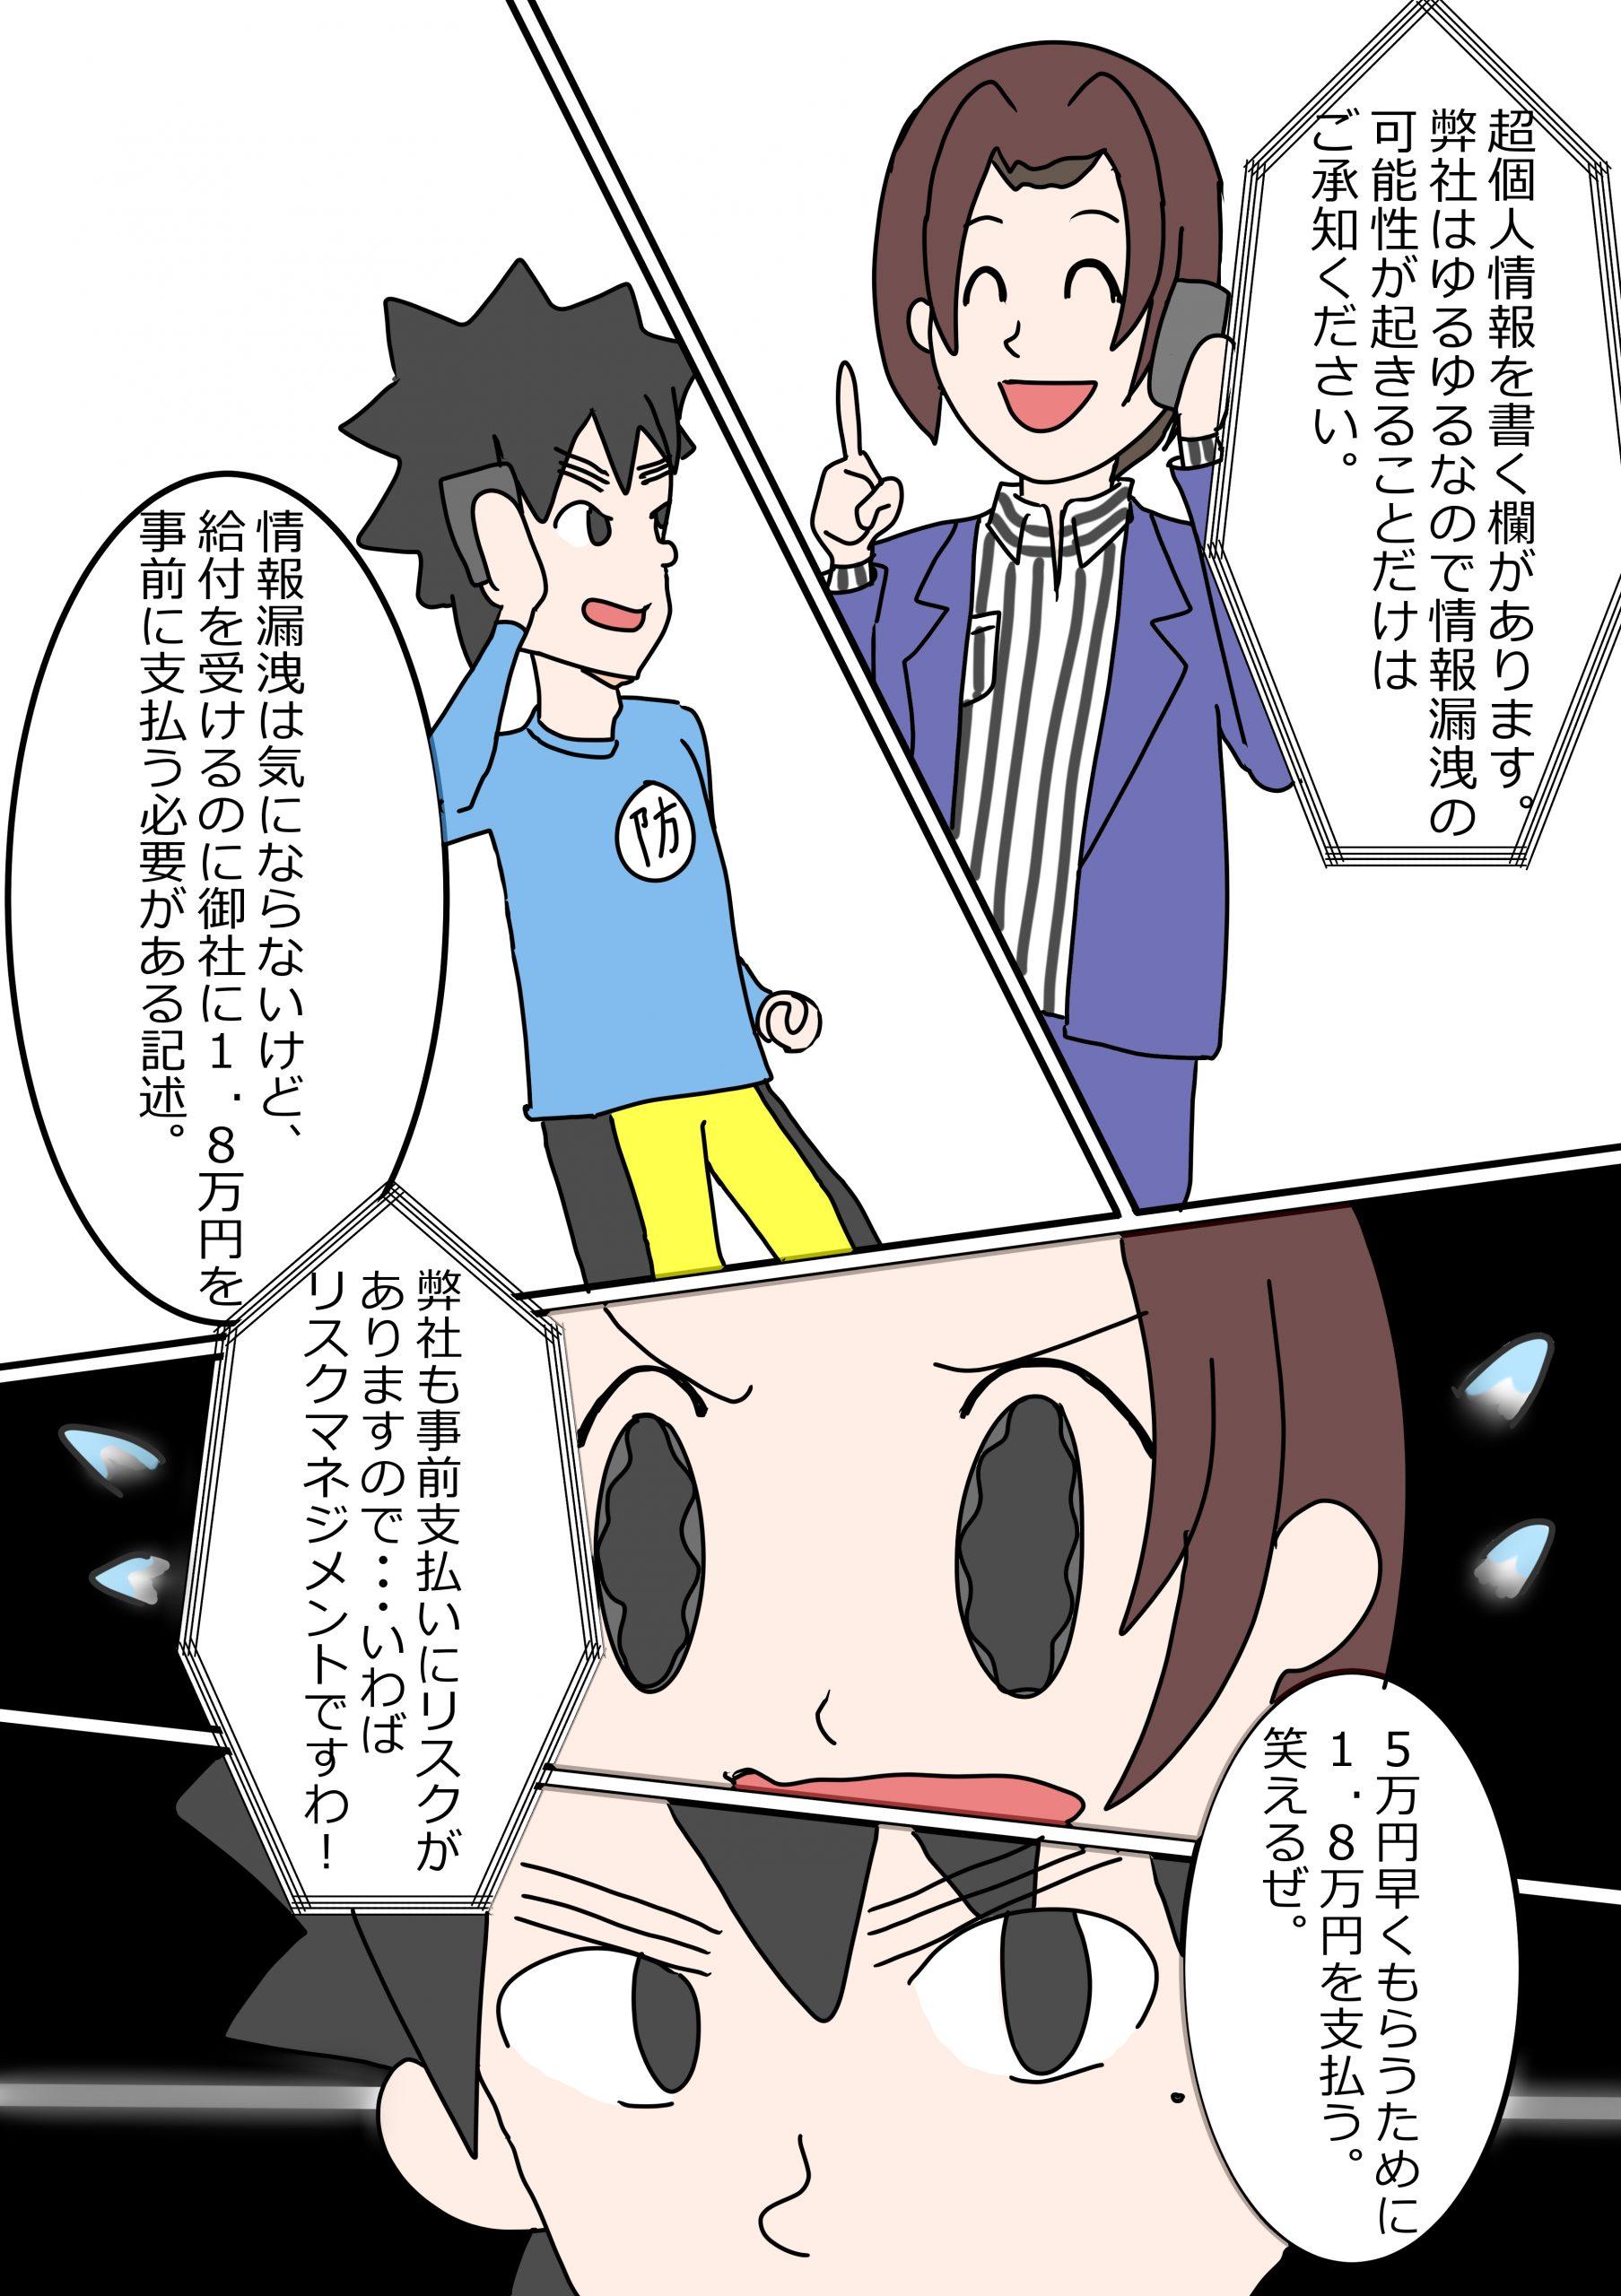 特殊詐欺ぼうしくん4-7